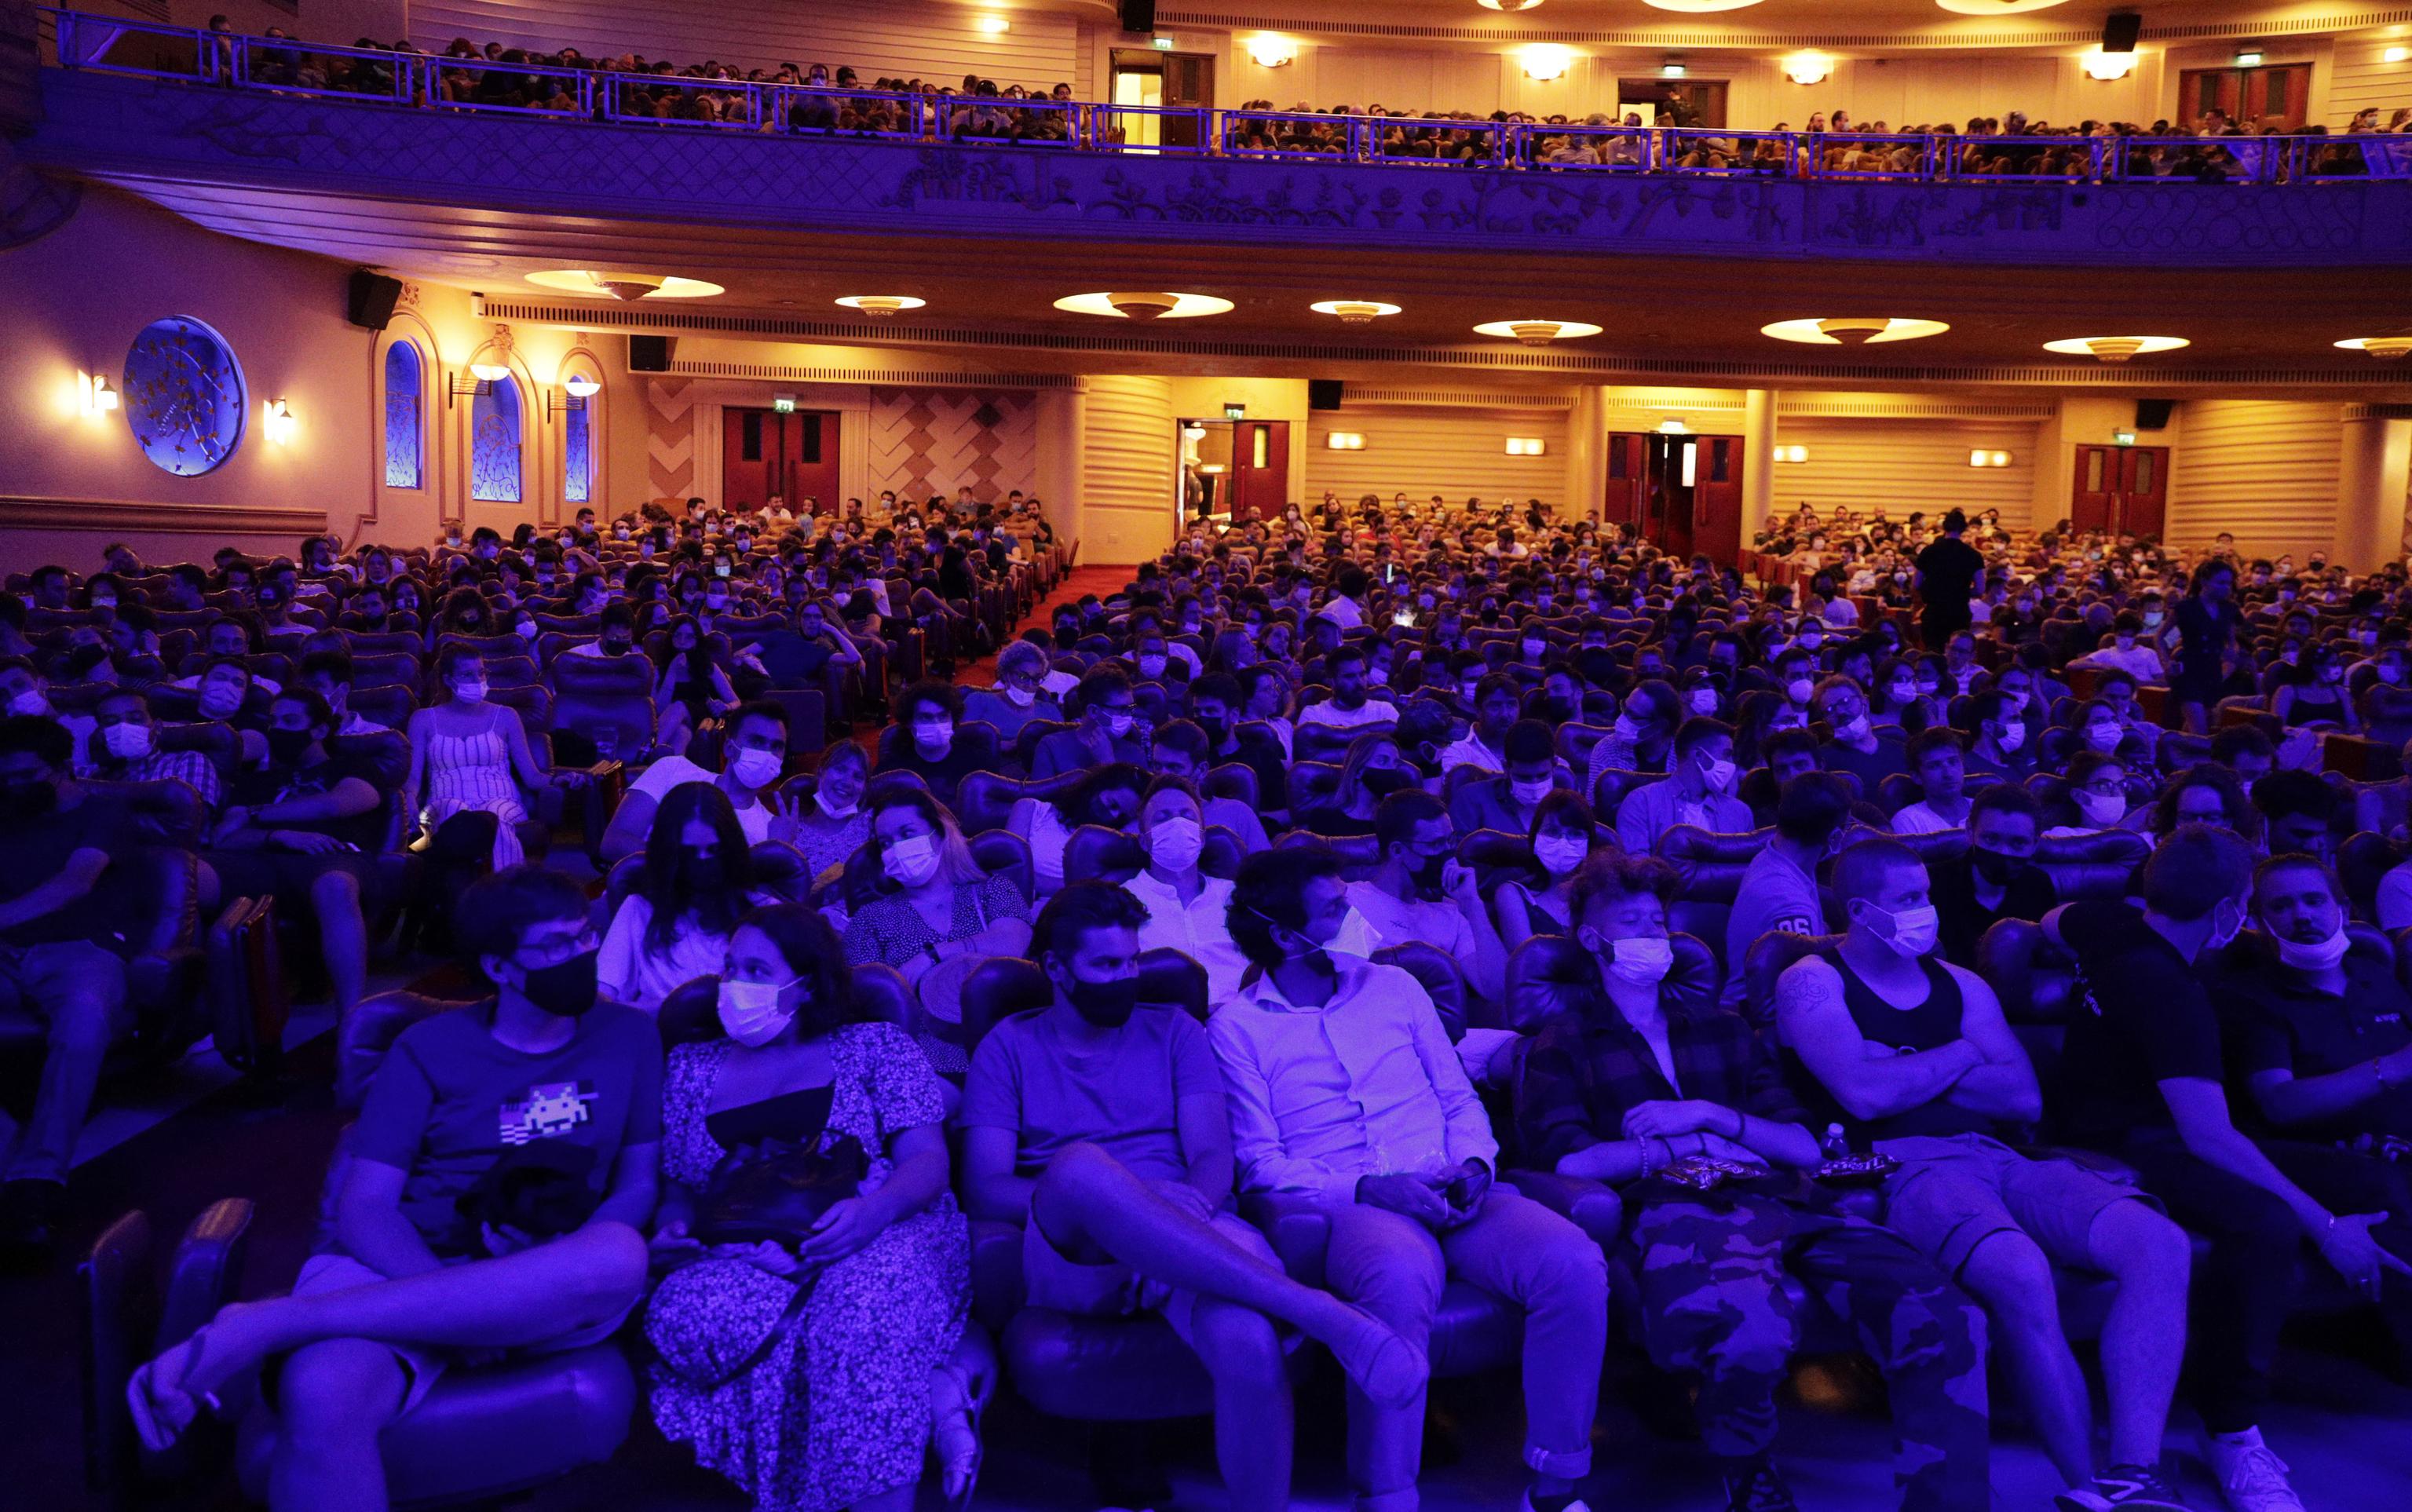 El público llena el cine Grand Rex de París, en julio pasado.